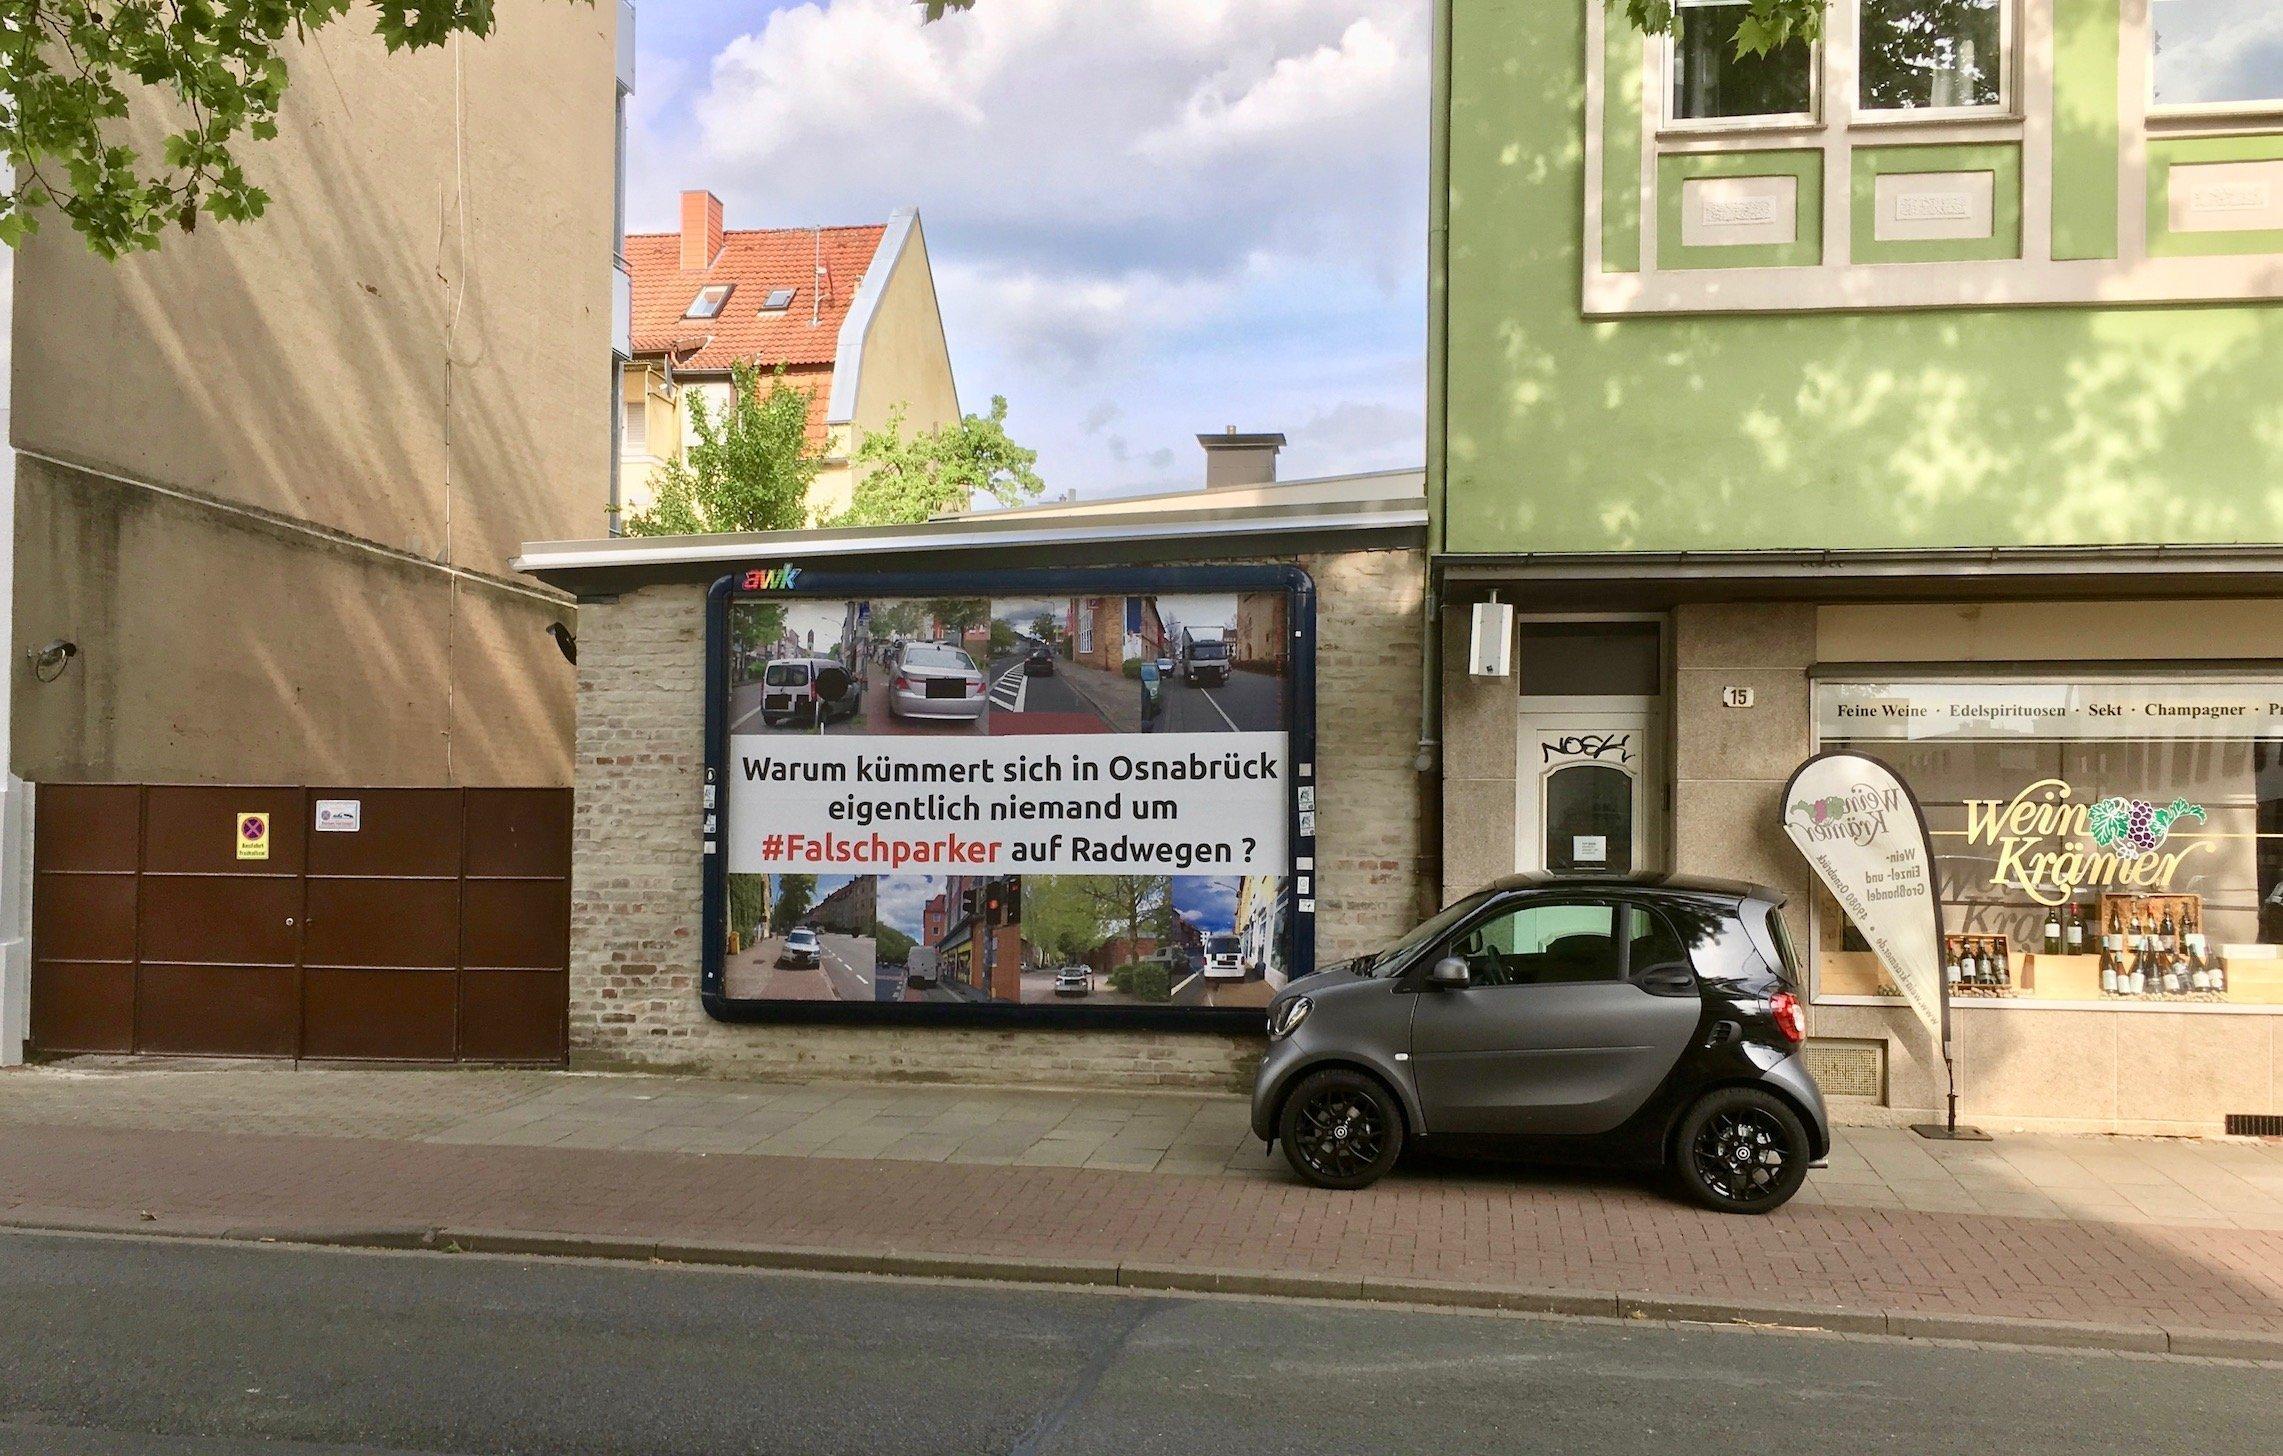 """Ein grau-schwarzfarbener Smart steht auf den Gehweg neben einem Radweg. Er steht direkt neben einer Plakatwerbung die Falschparker mit der Aufschrift:"""" Warum kümmert sich in Osnabrück eigentlich niemand um #Falschparker auf Radwegen?"""""""